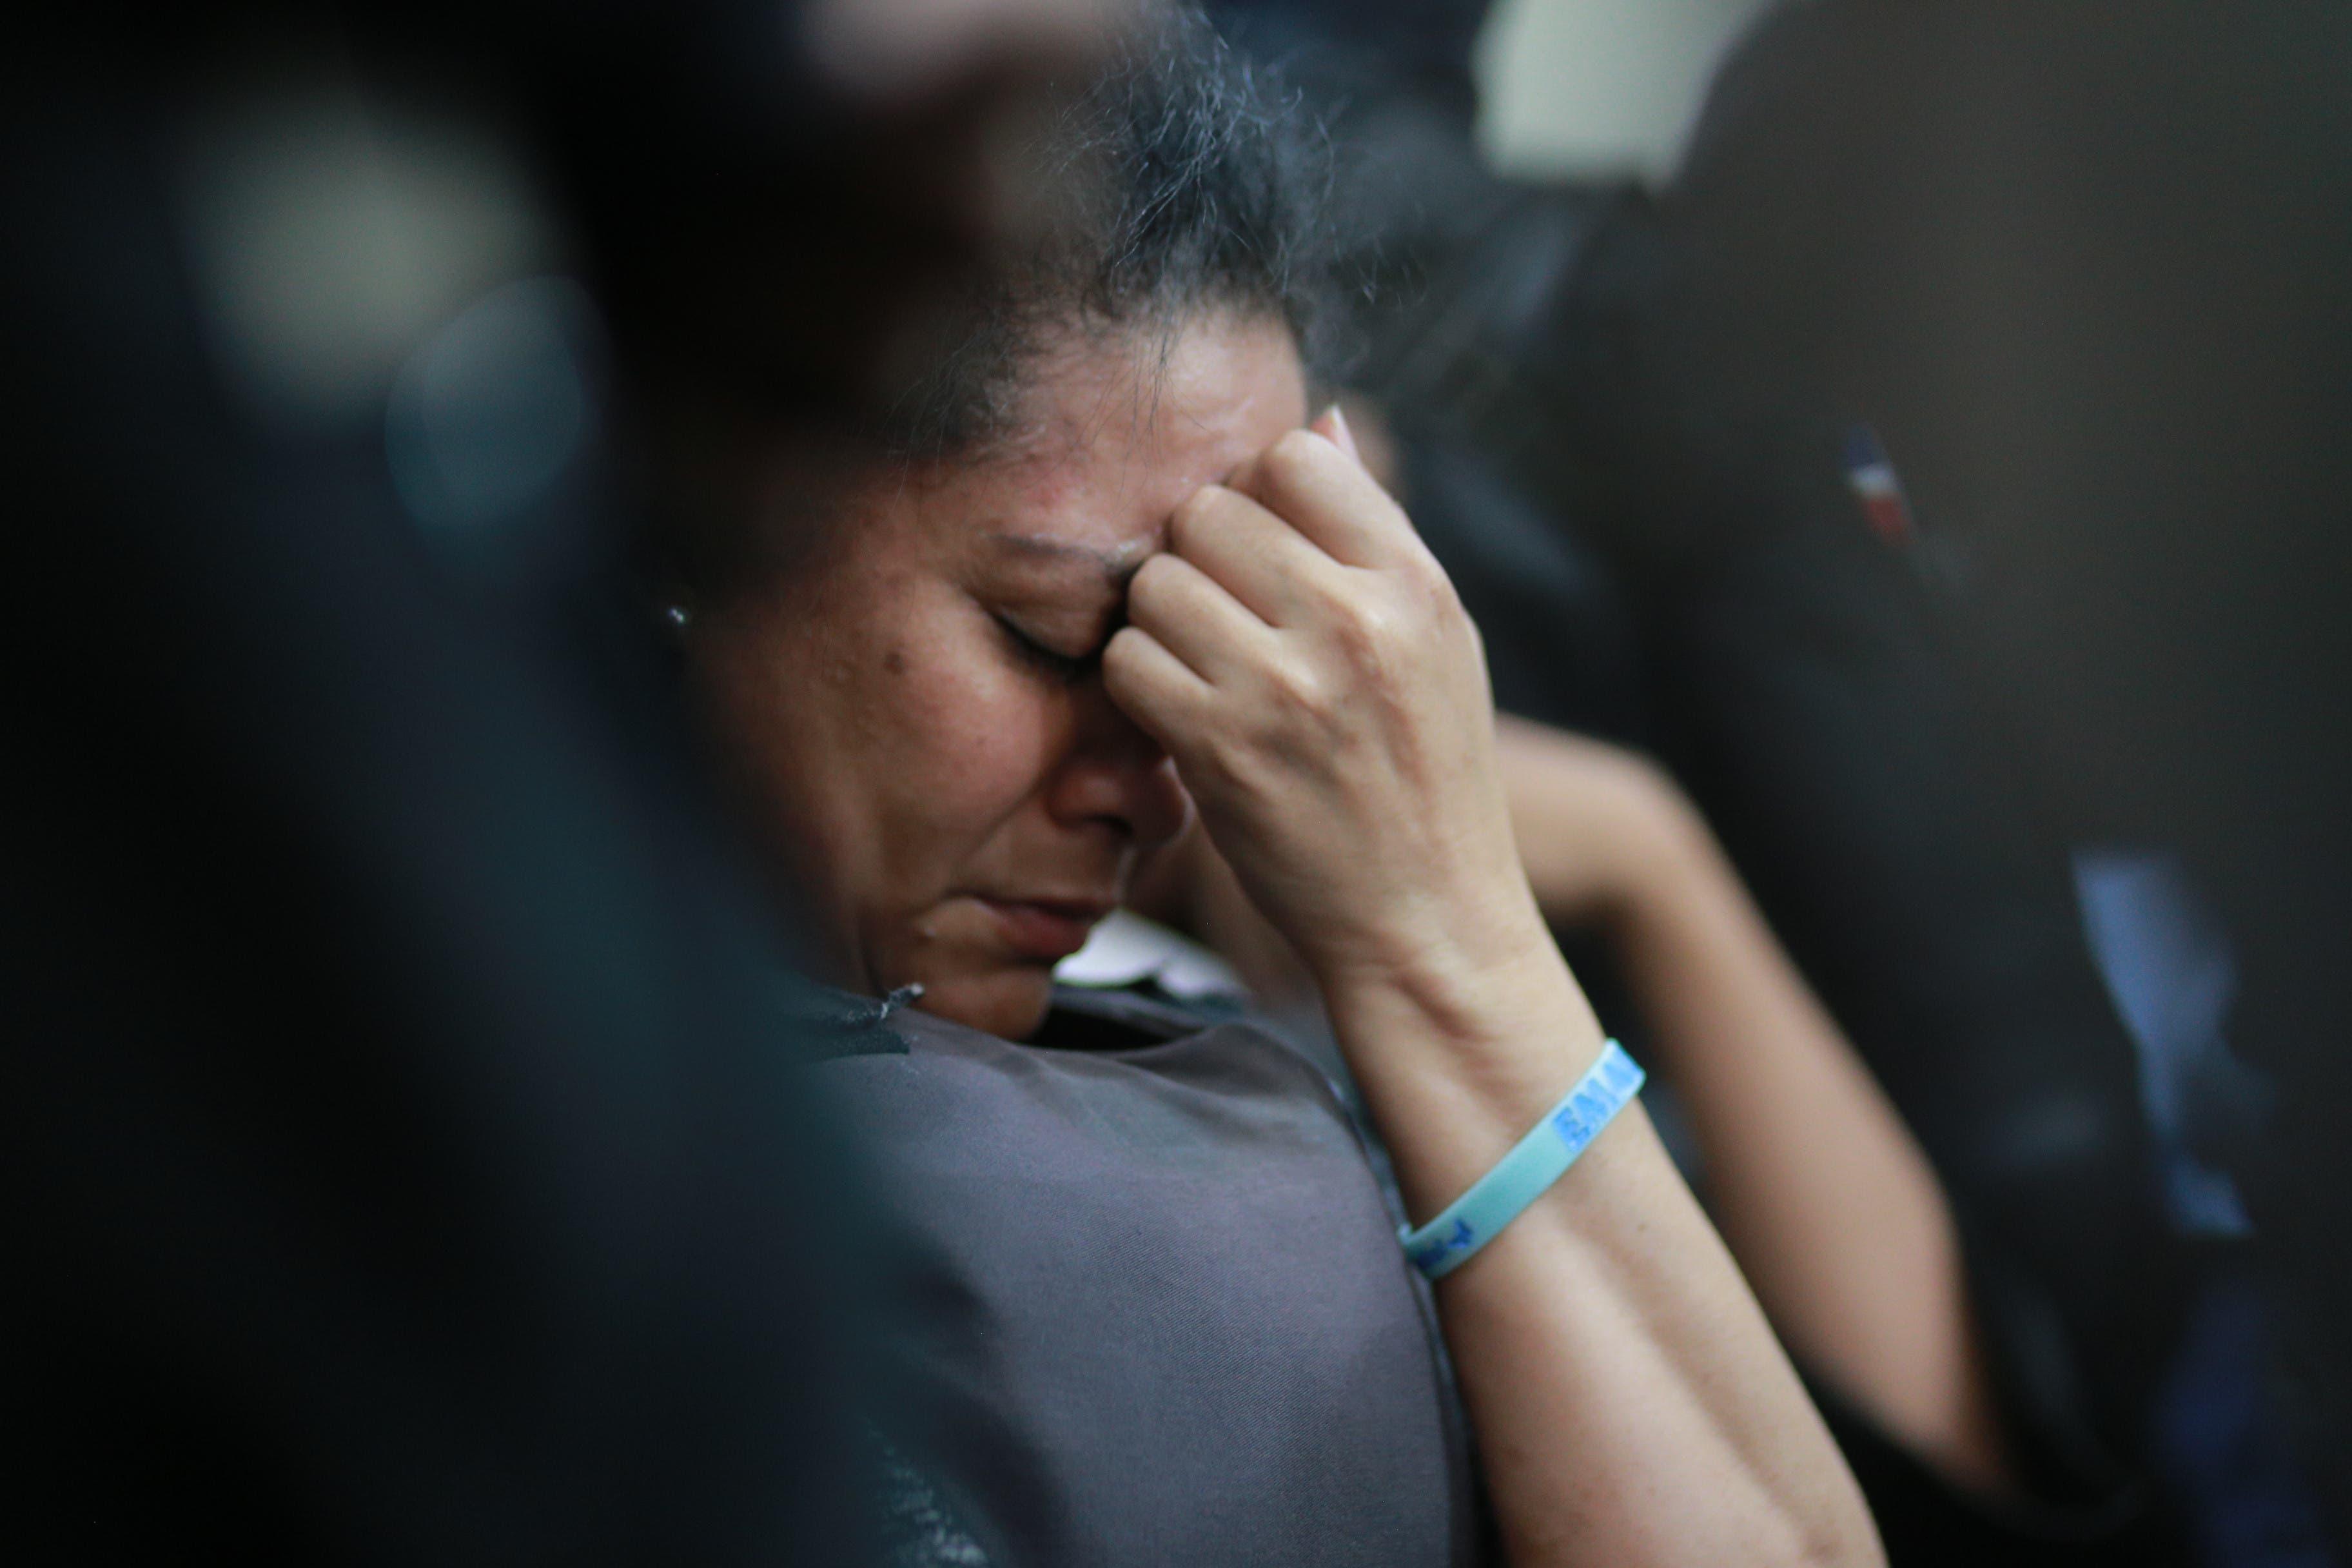 10. Marlin lloraba durante lectura de sentencia.